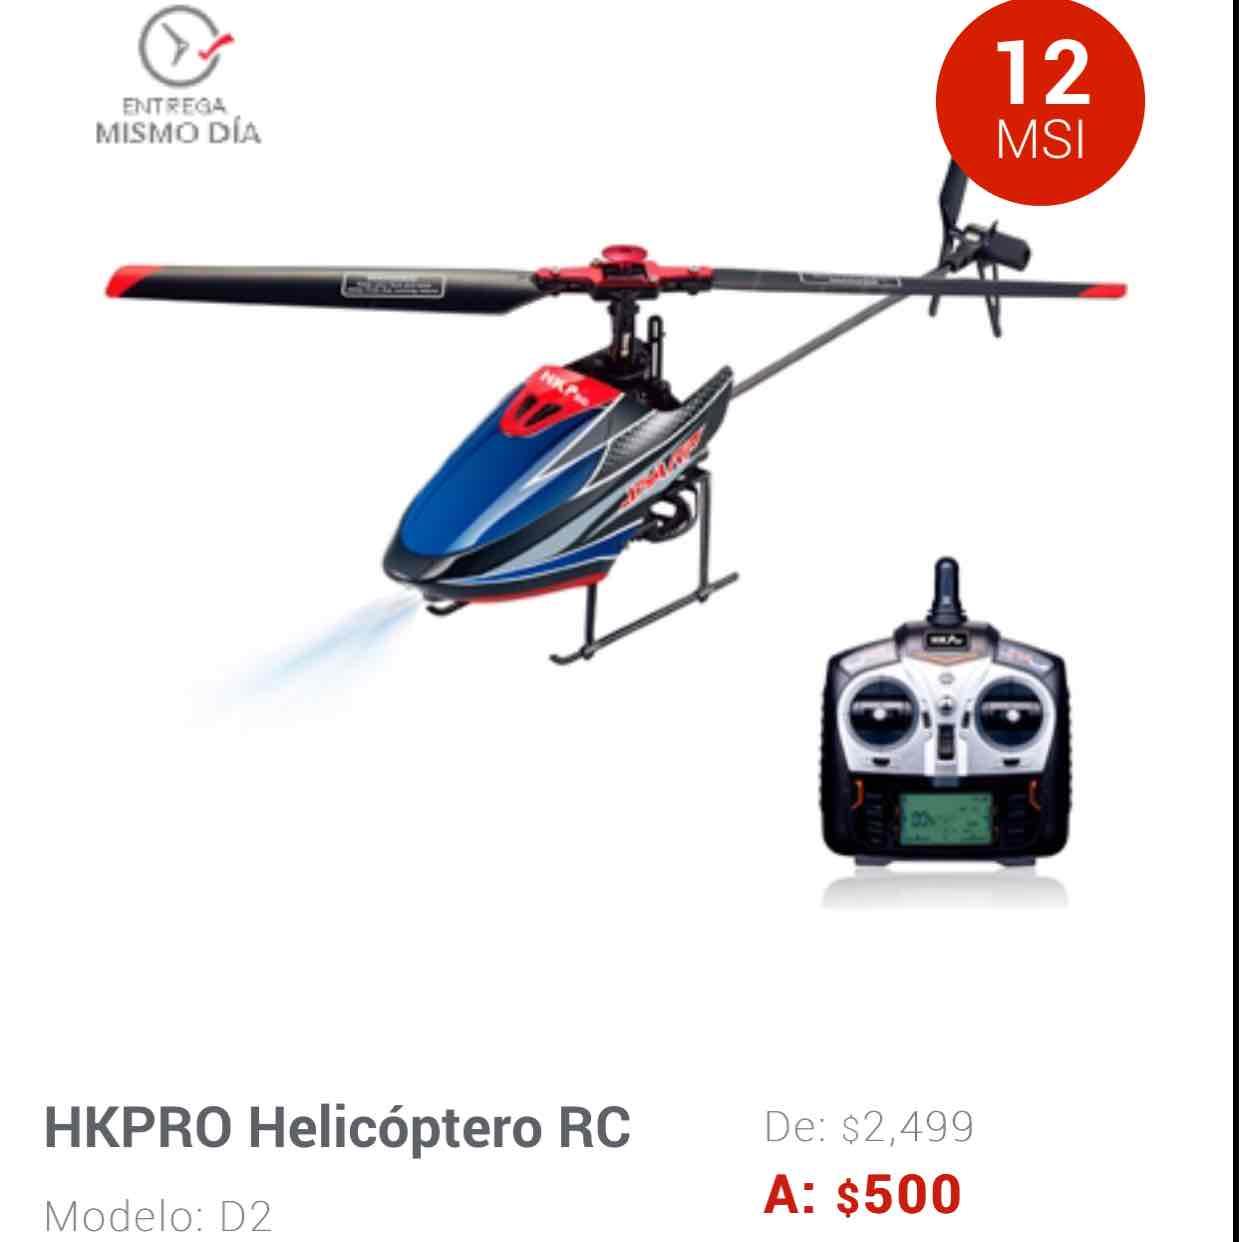 Elektra en línea: Helicoptero de radio control a $500